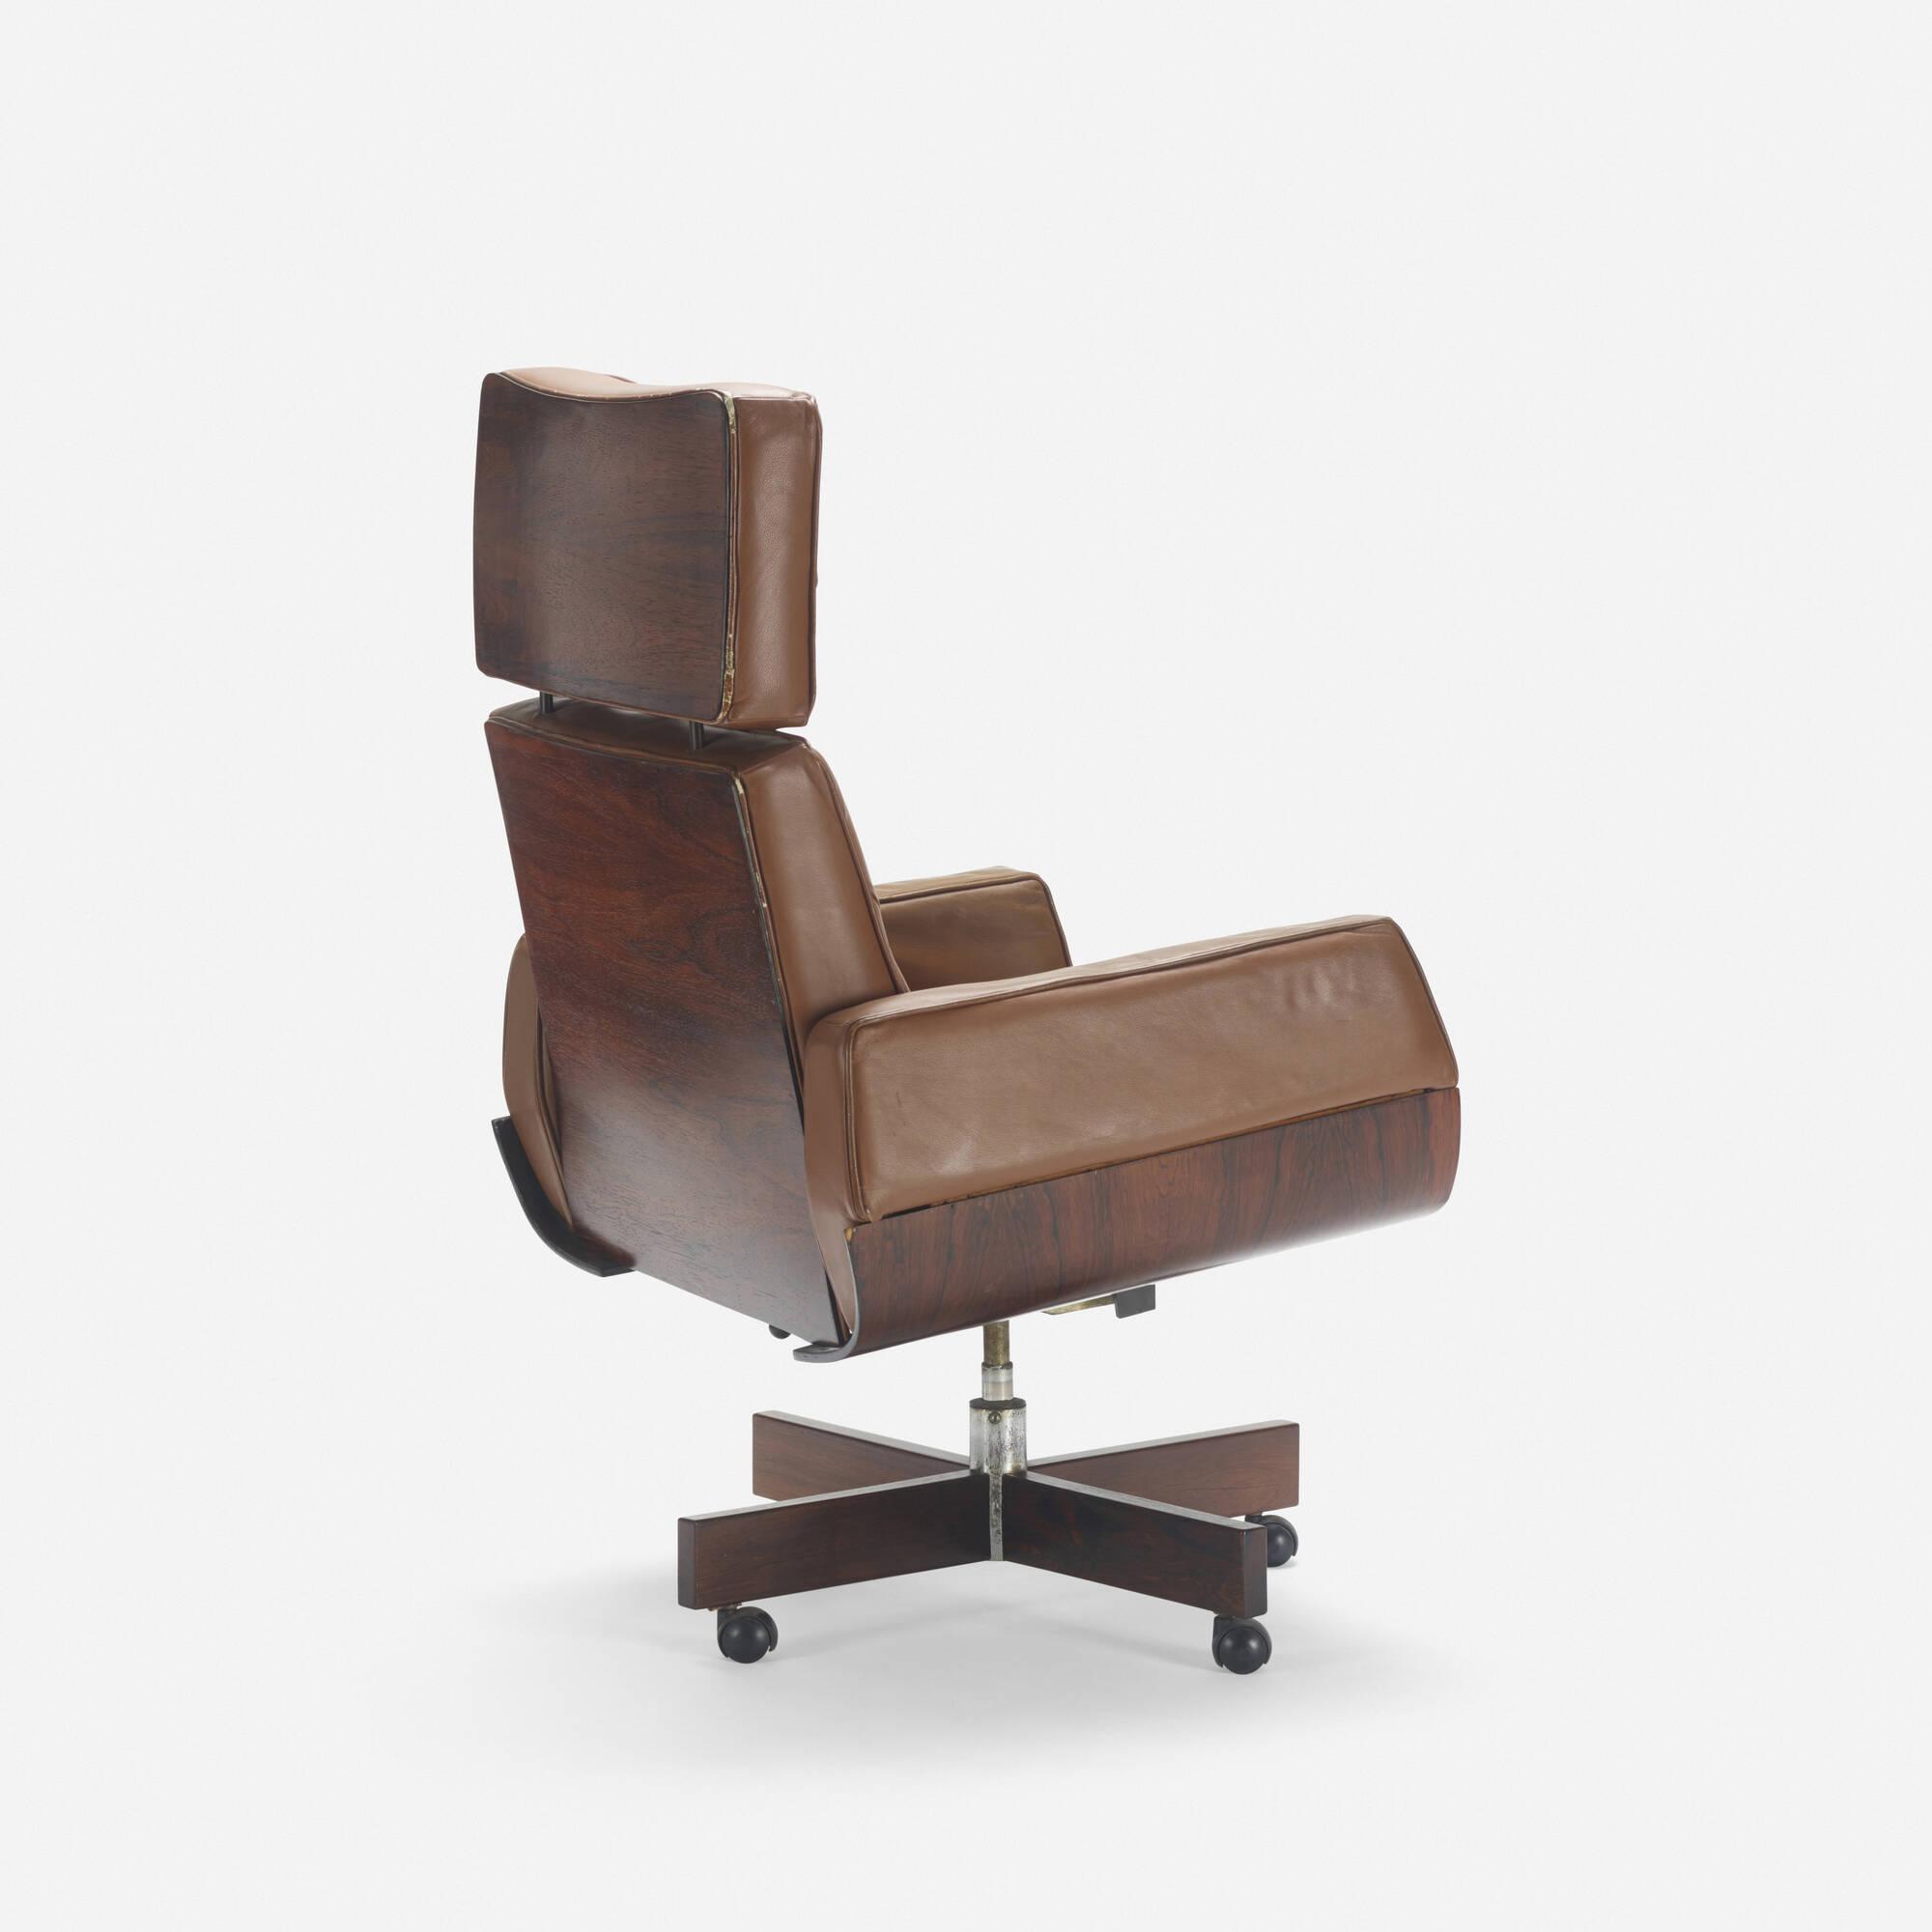 225: Jorge Zalszupin / Ambassador armchair (2 of 3)